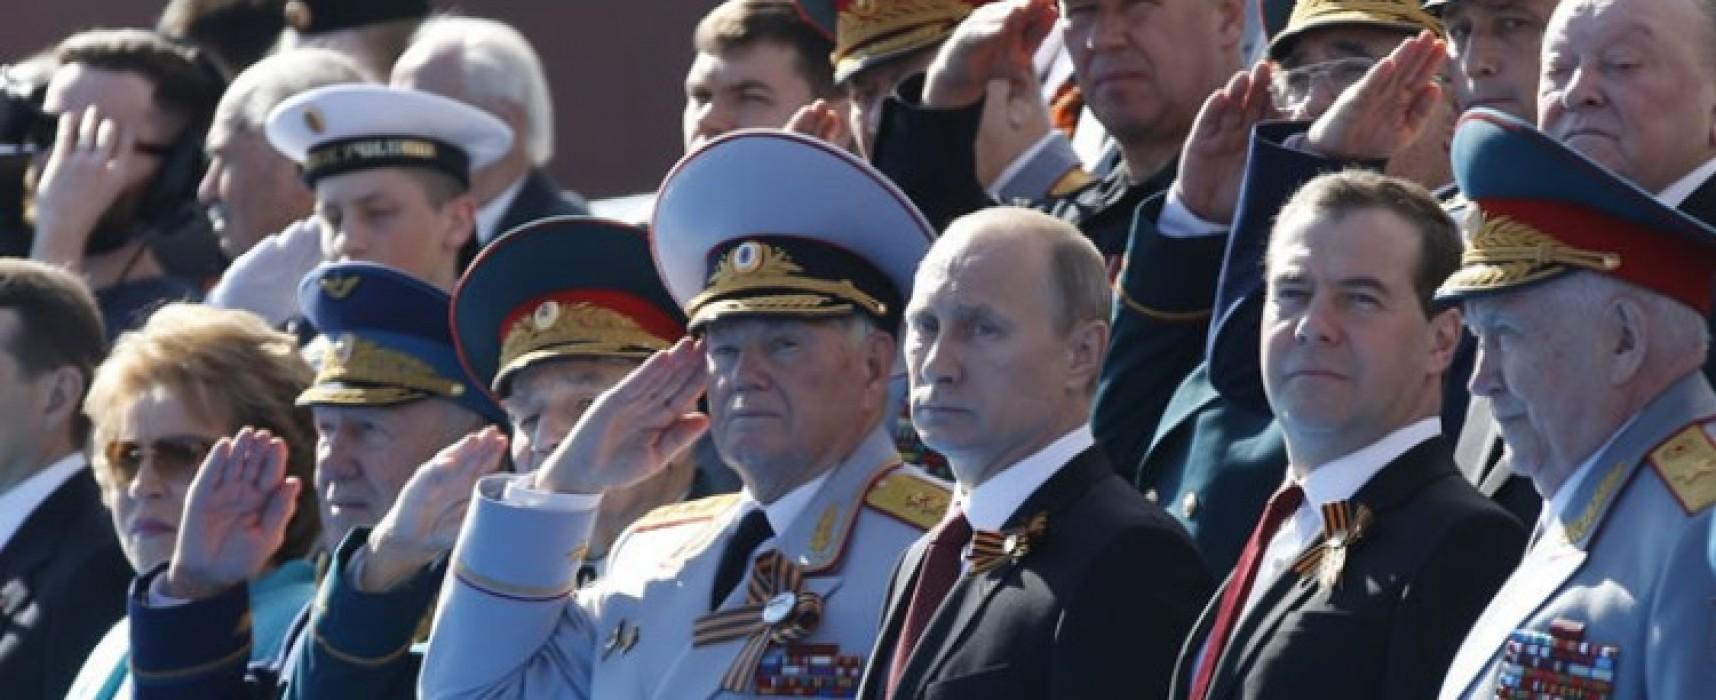 Хвалебный фильм о Путине показали на канале «Россия 1»